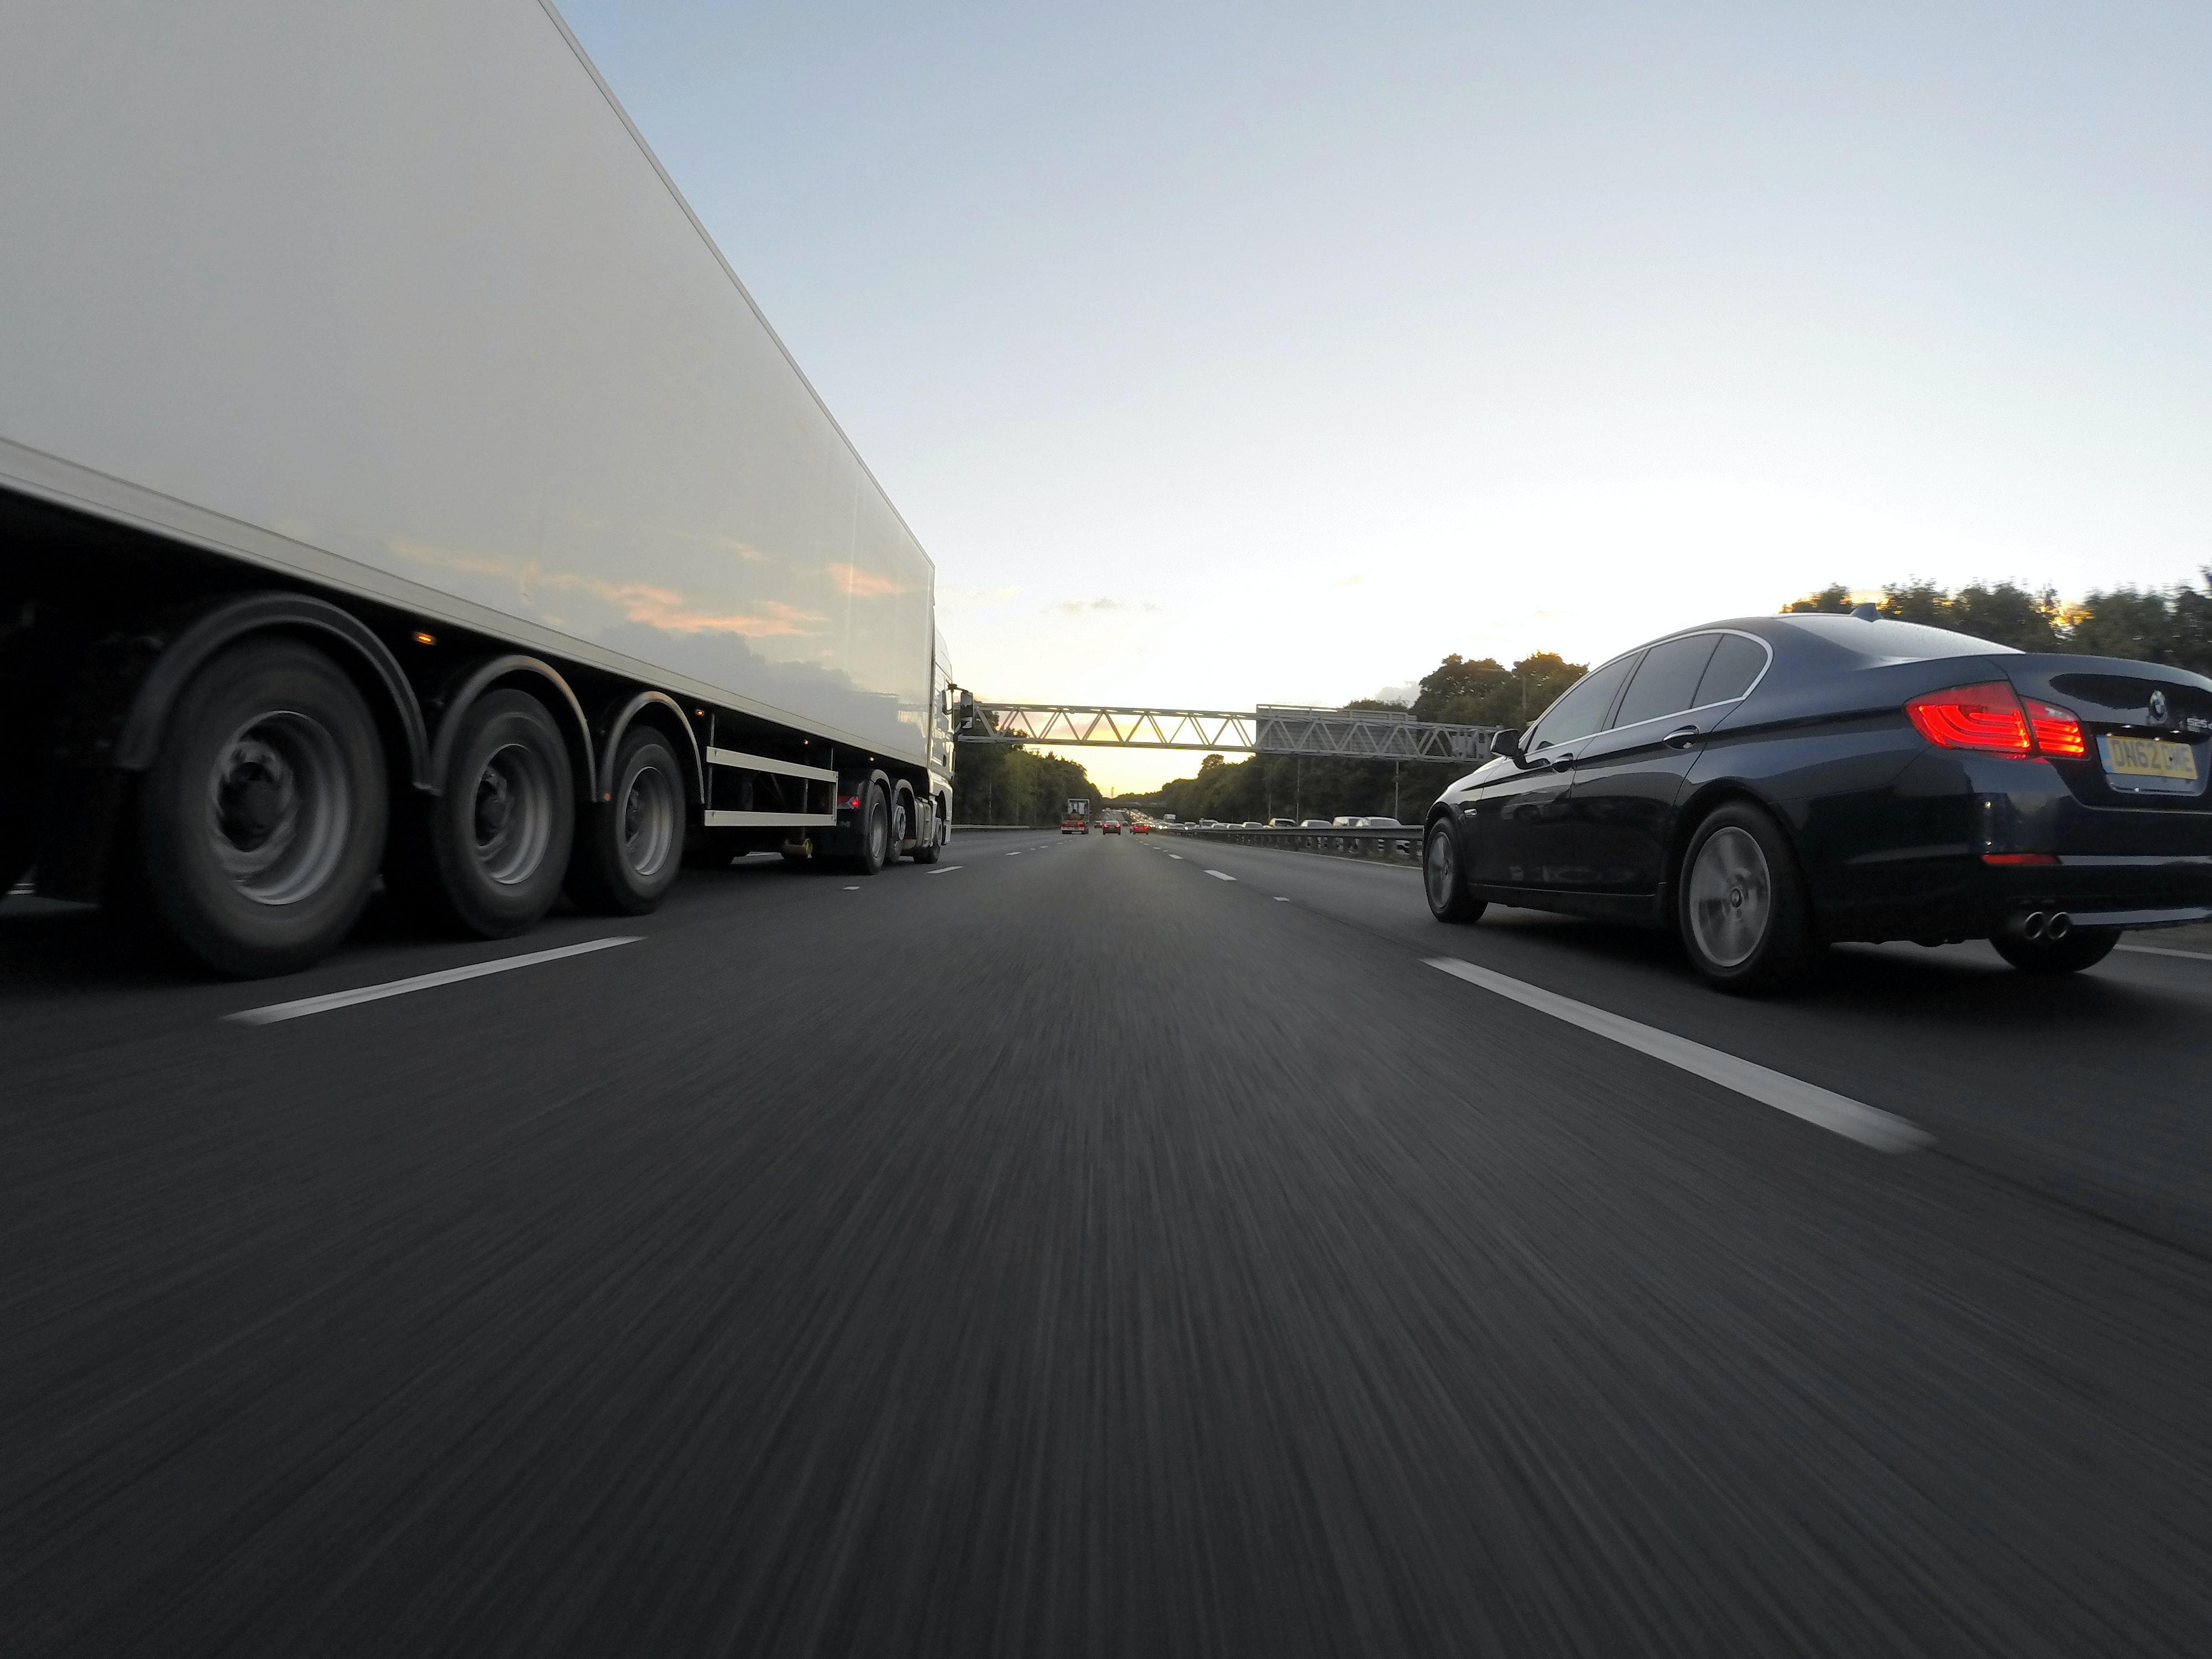 Hoe lang duurt het importeren van een auto uit Duitsland